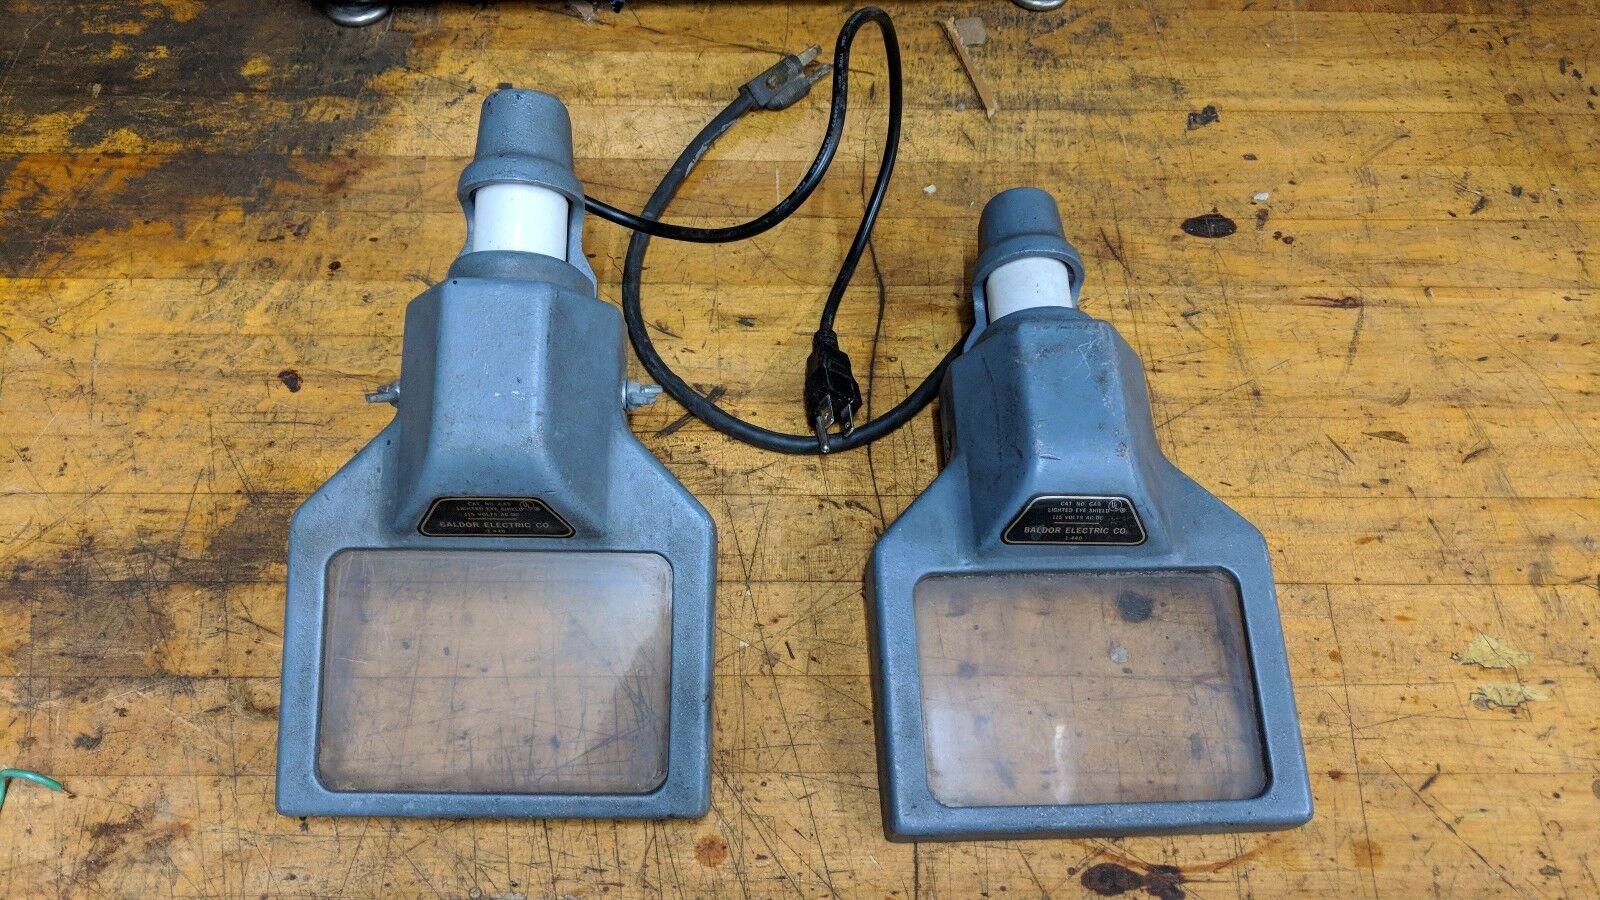 BALDOR Grinder Lighted Eye Safety Shield guard set of 2